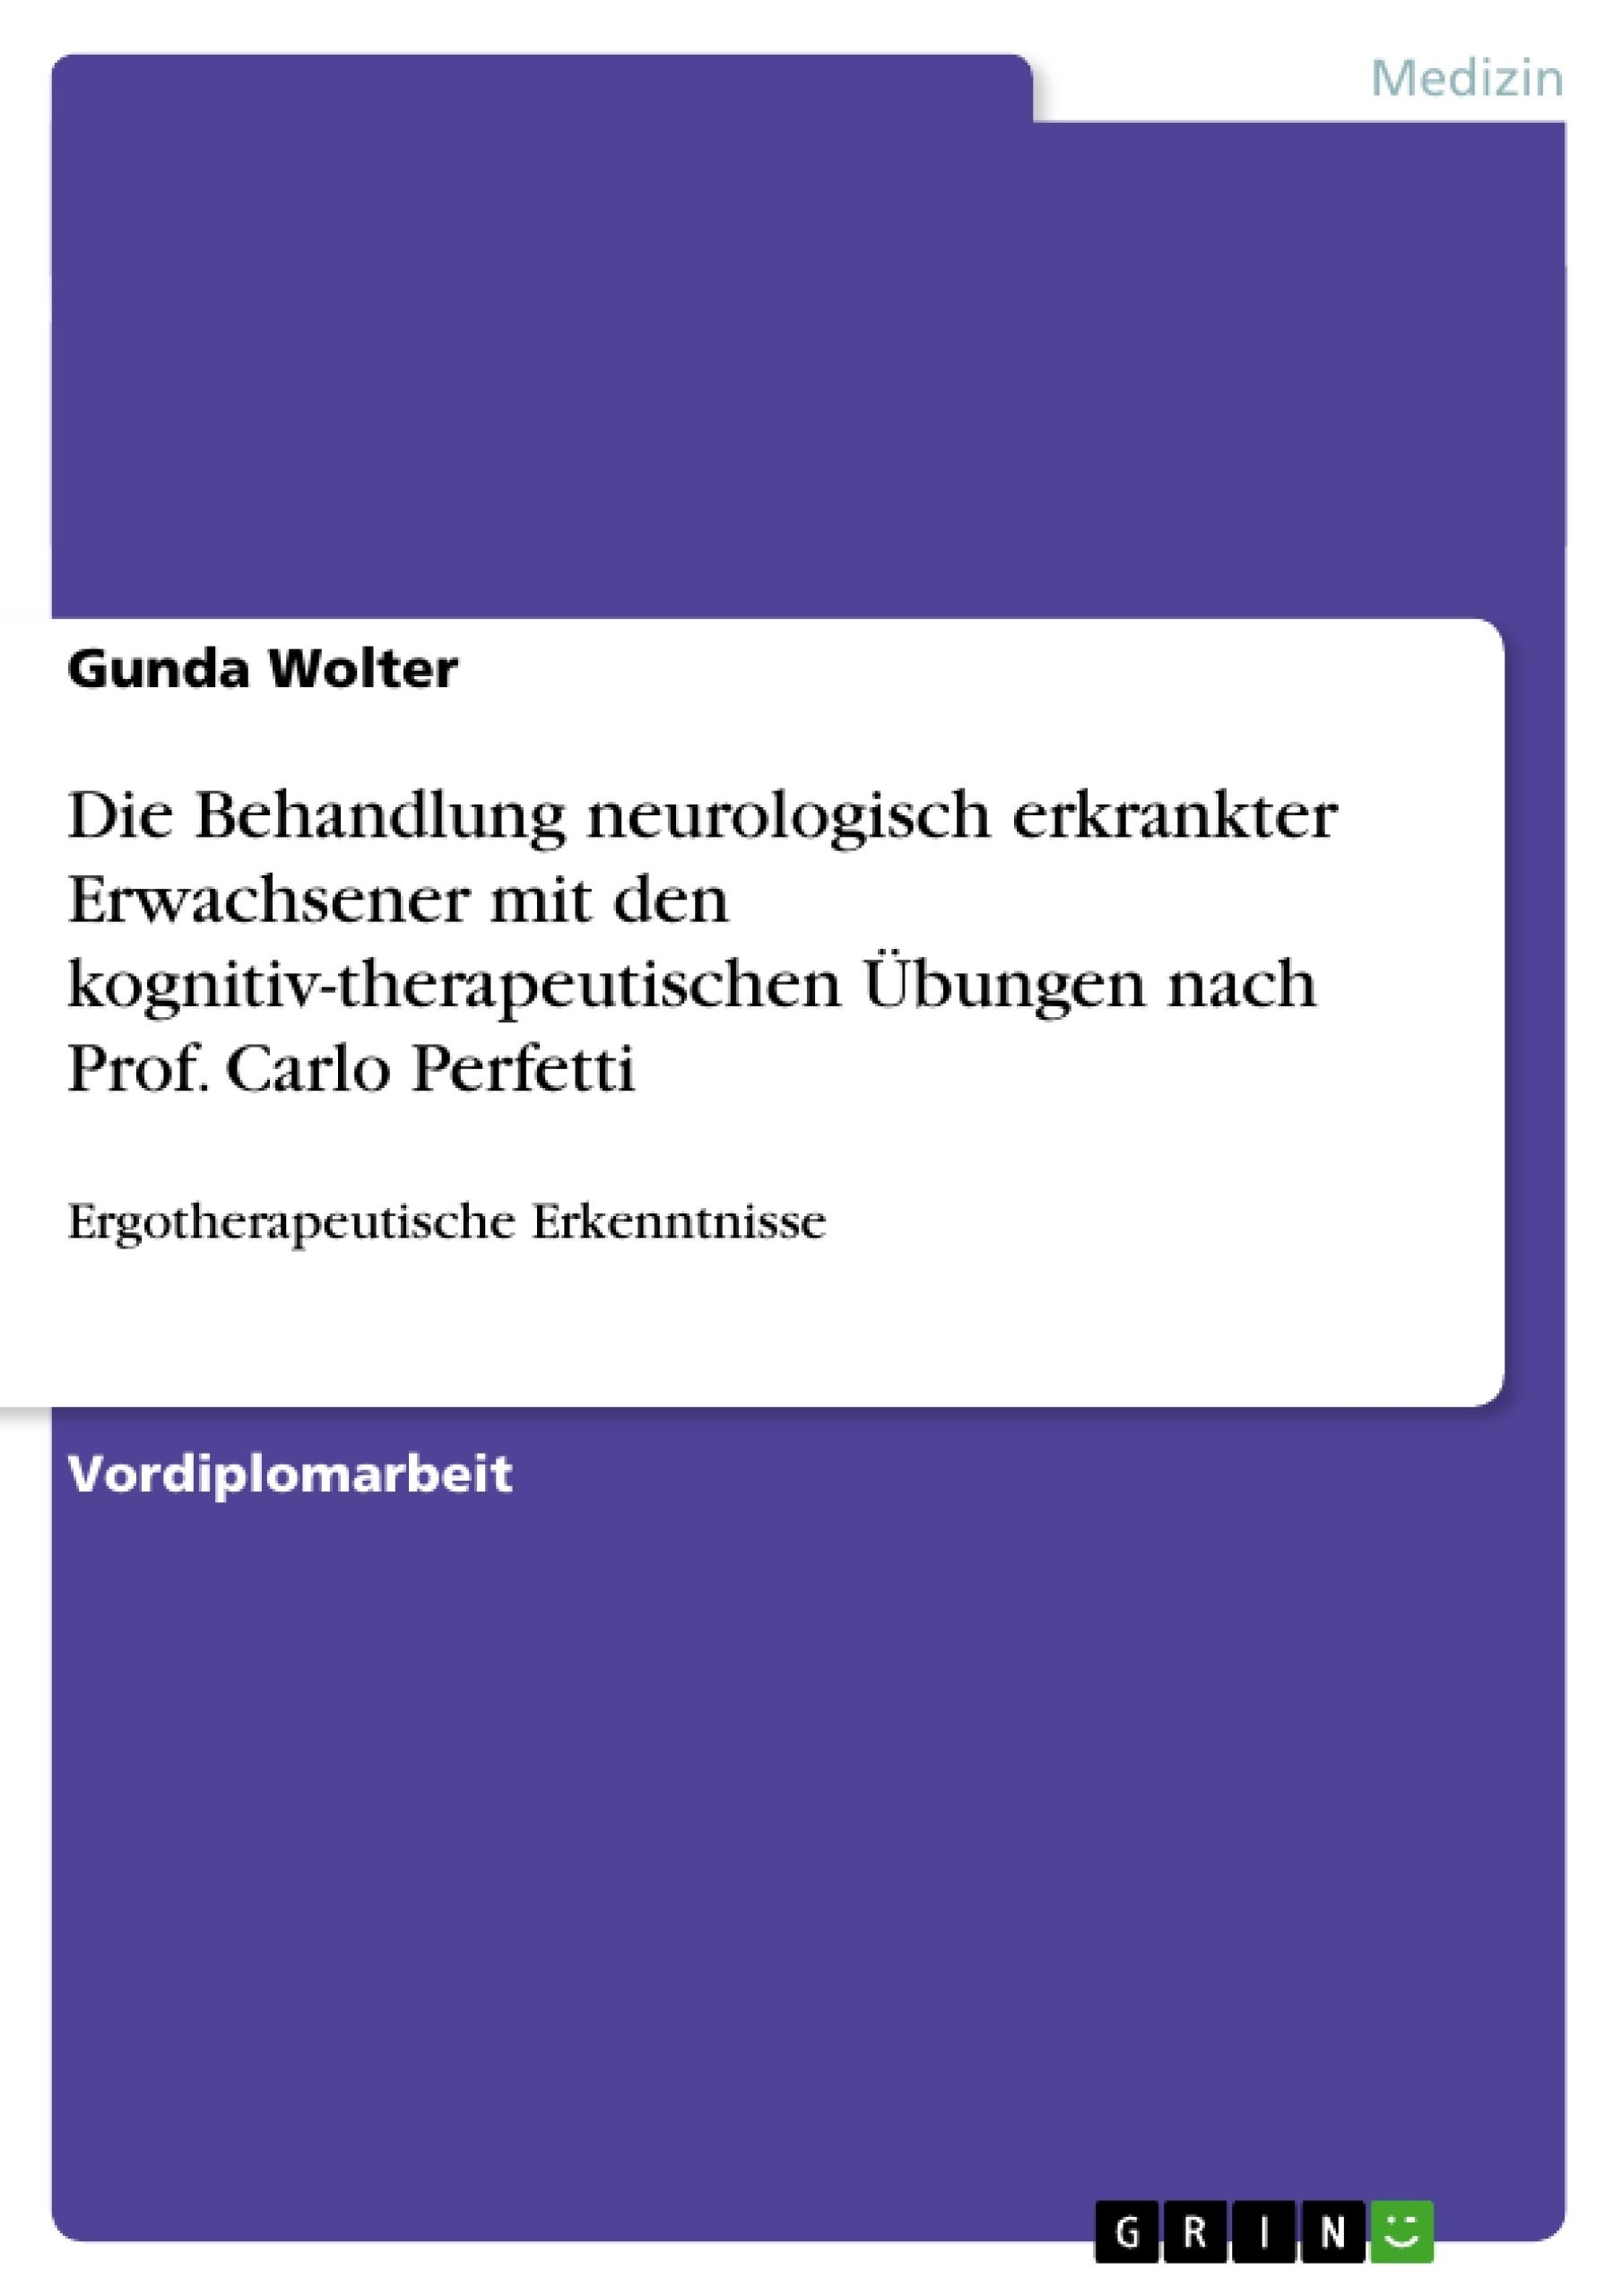 Titel: Die Behandlung neurologisch erkrankter Erwachsener mit den kognitiv-therapeutischen Übungen nach Prof. Carlo Perfetti